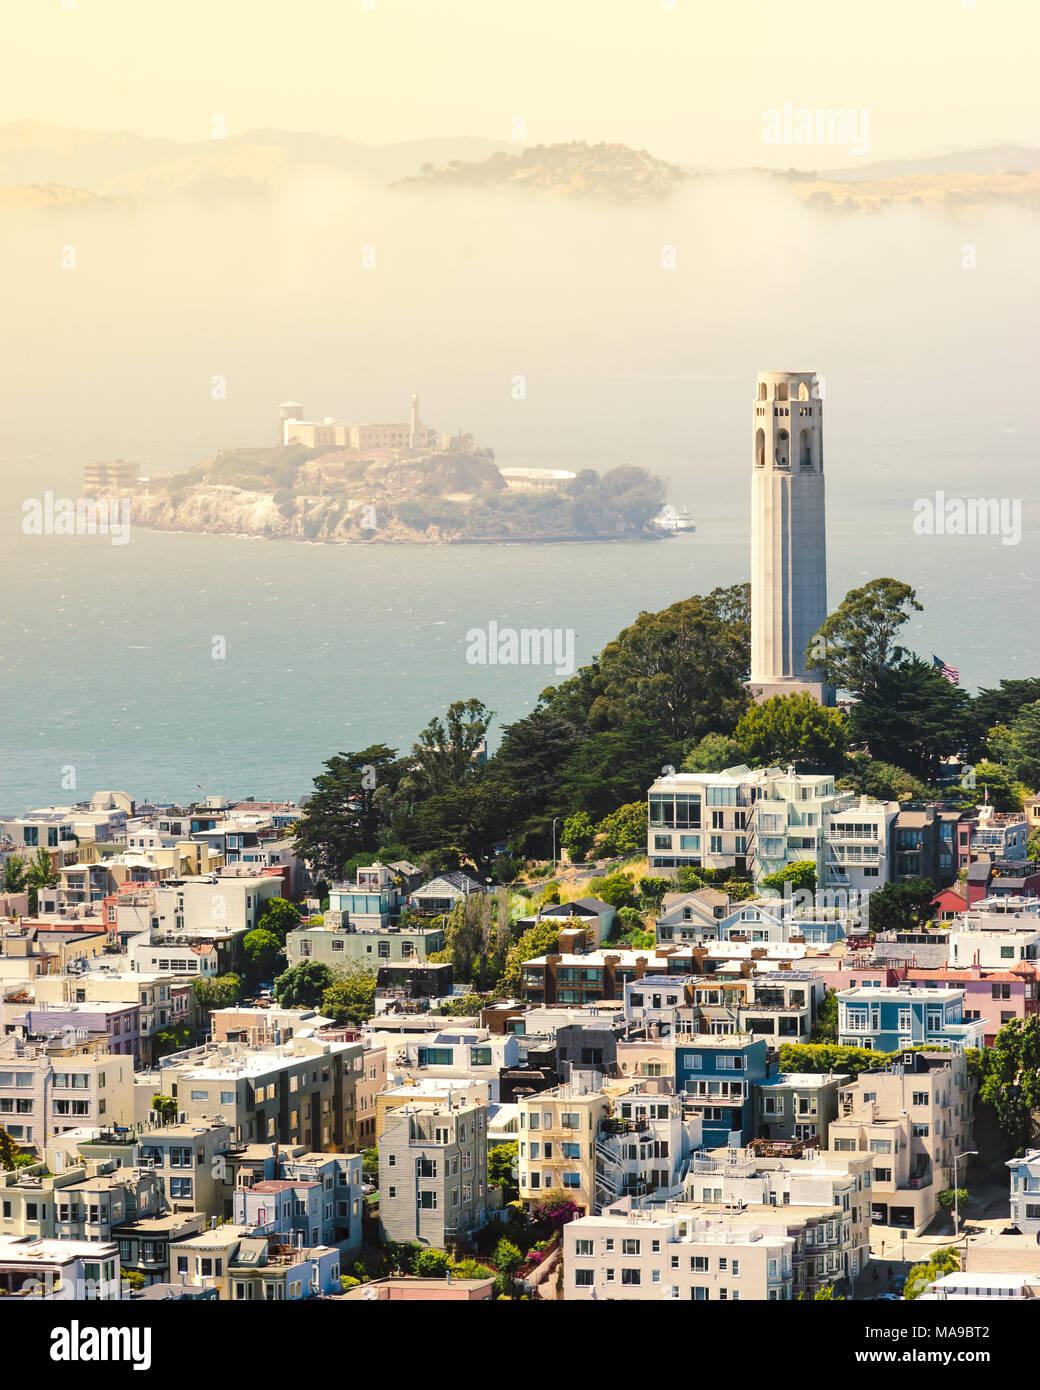 Goldene Stunde Sonnenuntergang mit Coit Tower, Alcatraz und klassischen San Francisco Häuser in North Beach. Stockbild